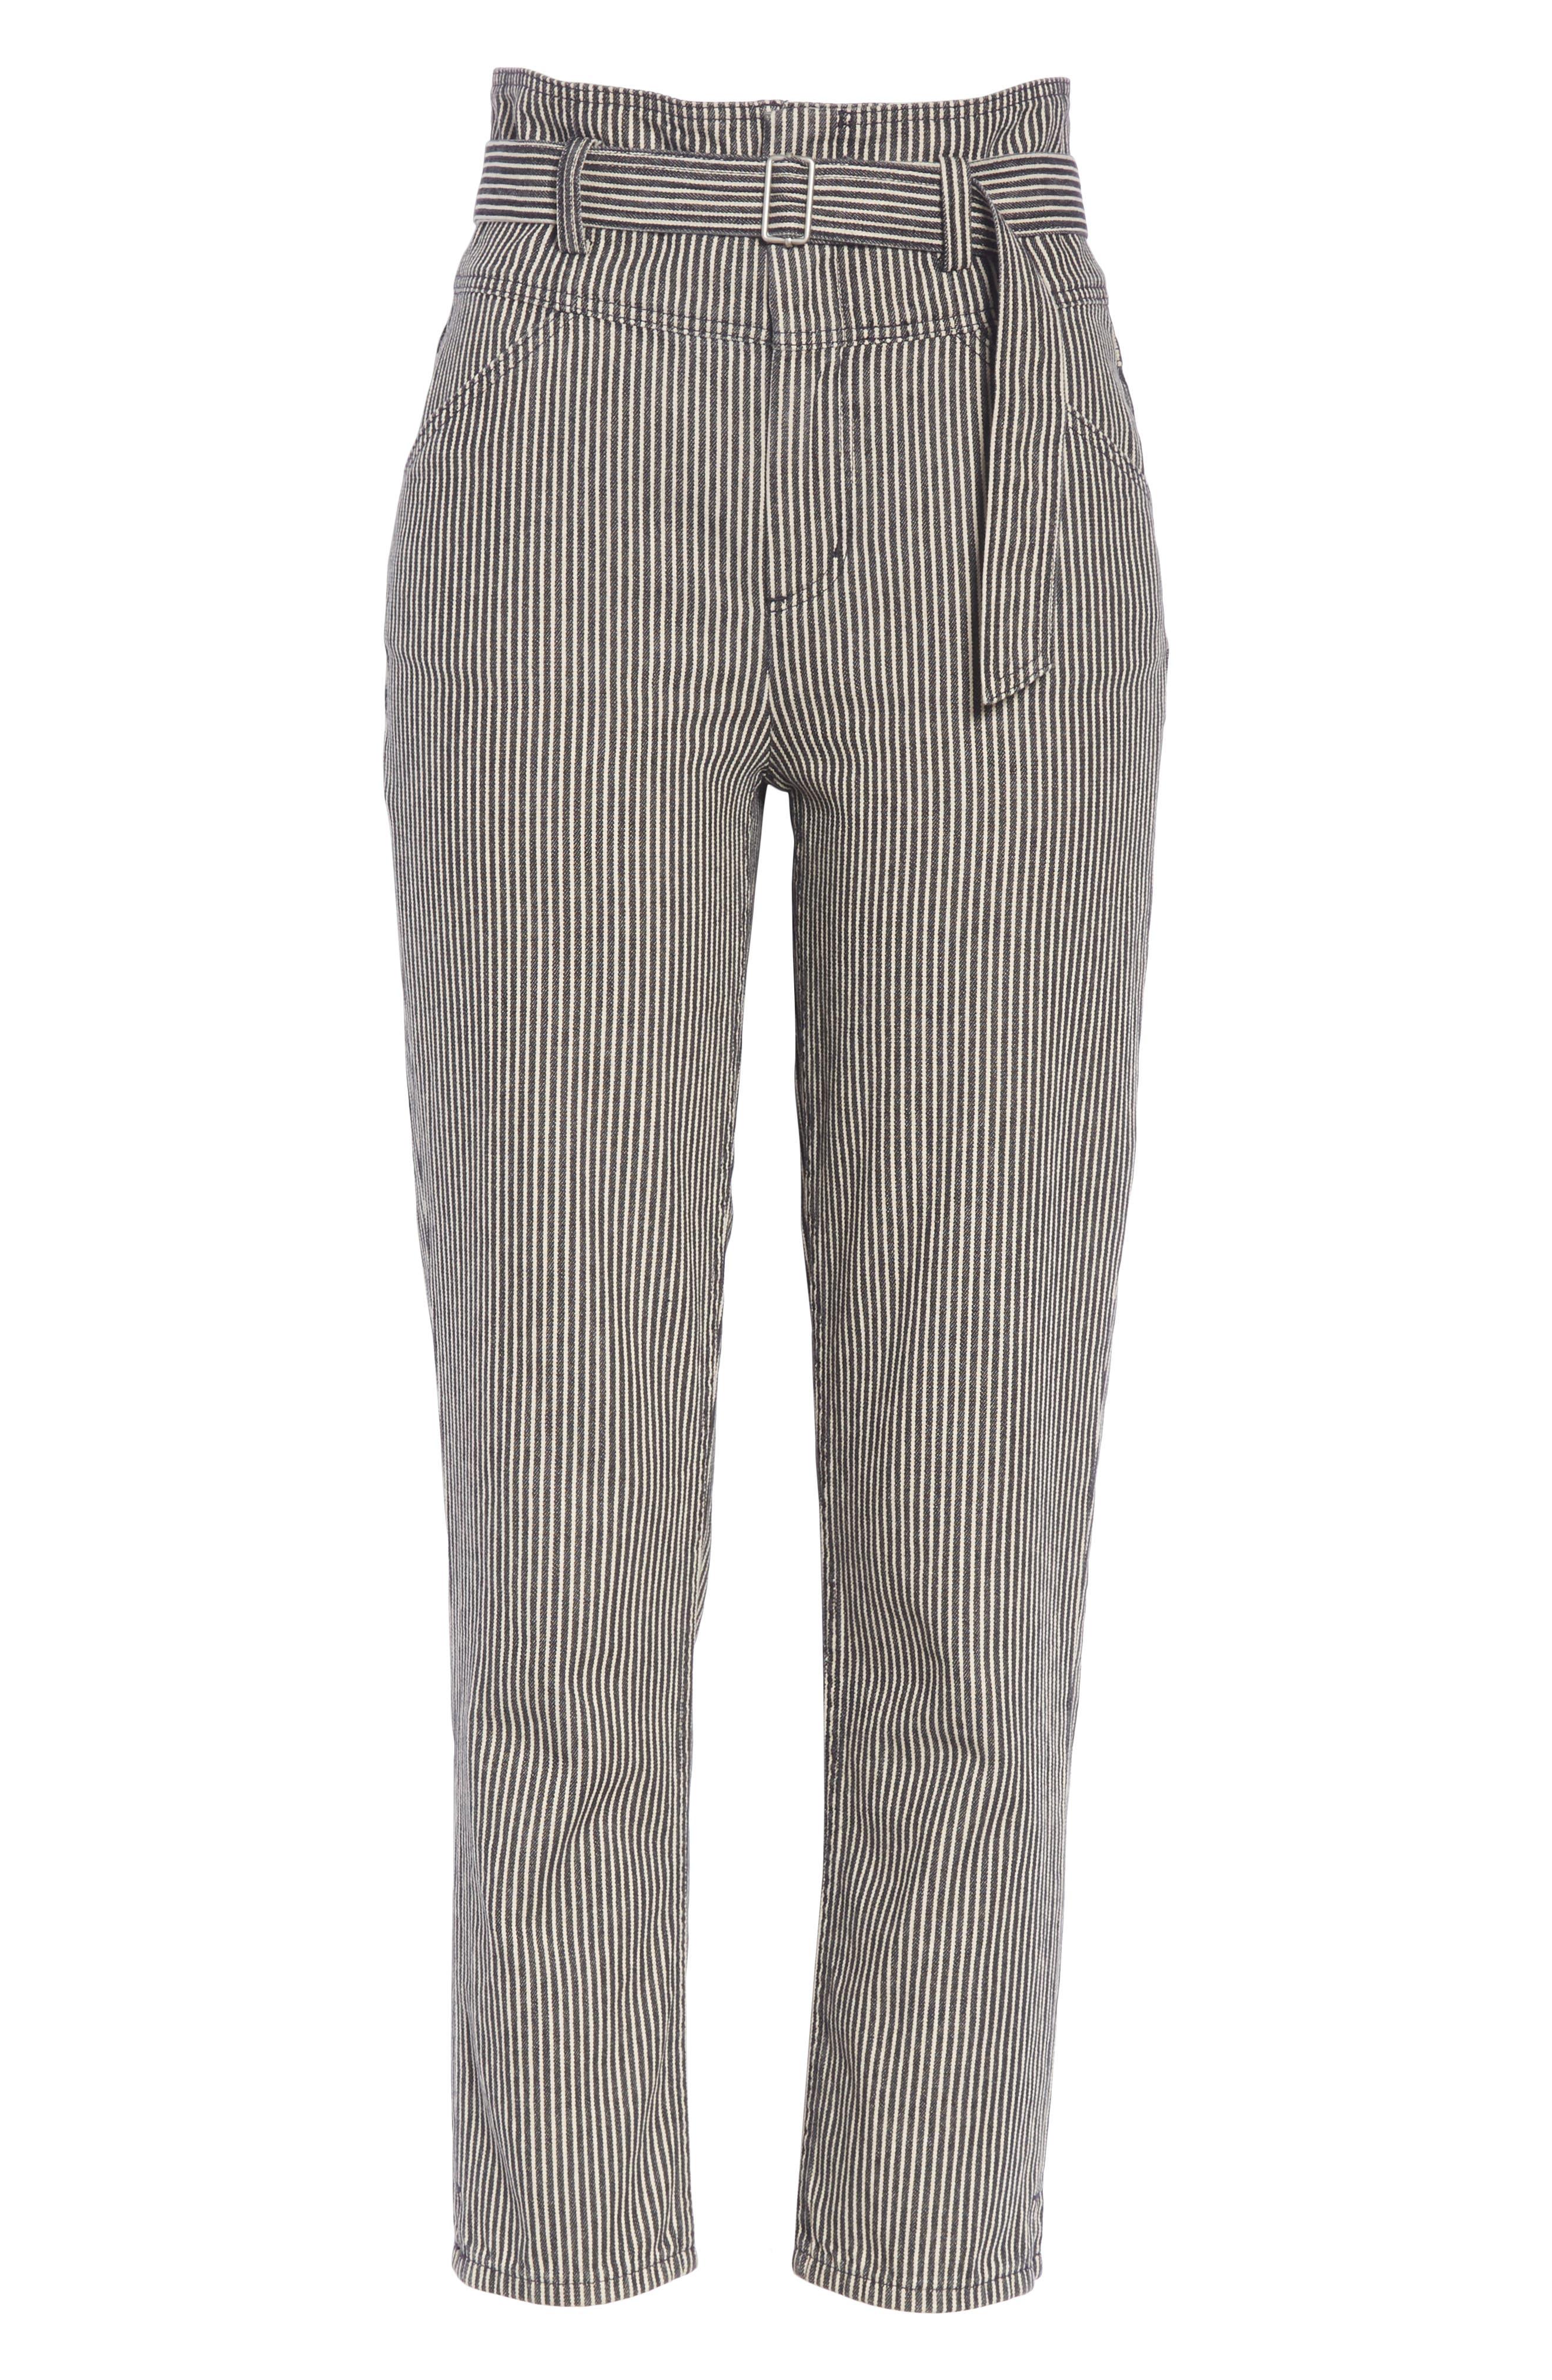 Stripe Crop Pants,                             Alternate thumbnail 6, color,                             001